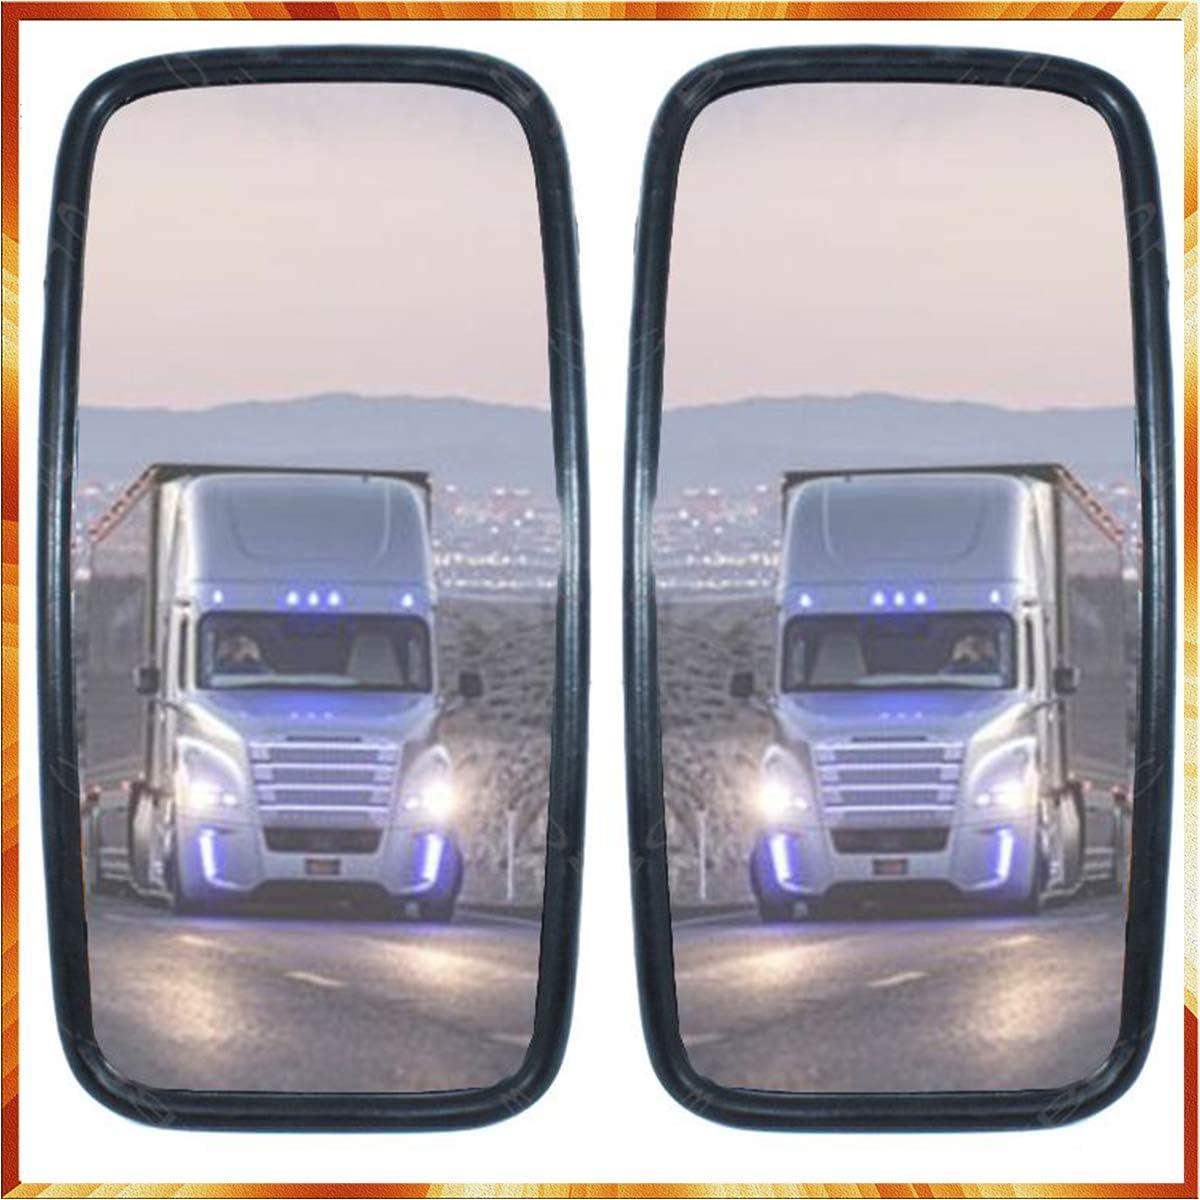 Lot de 2 r/étroviseurs ext/érieurs universels pour camion 36 x 18 cm bus